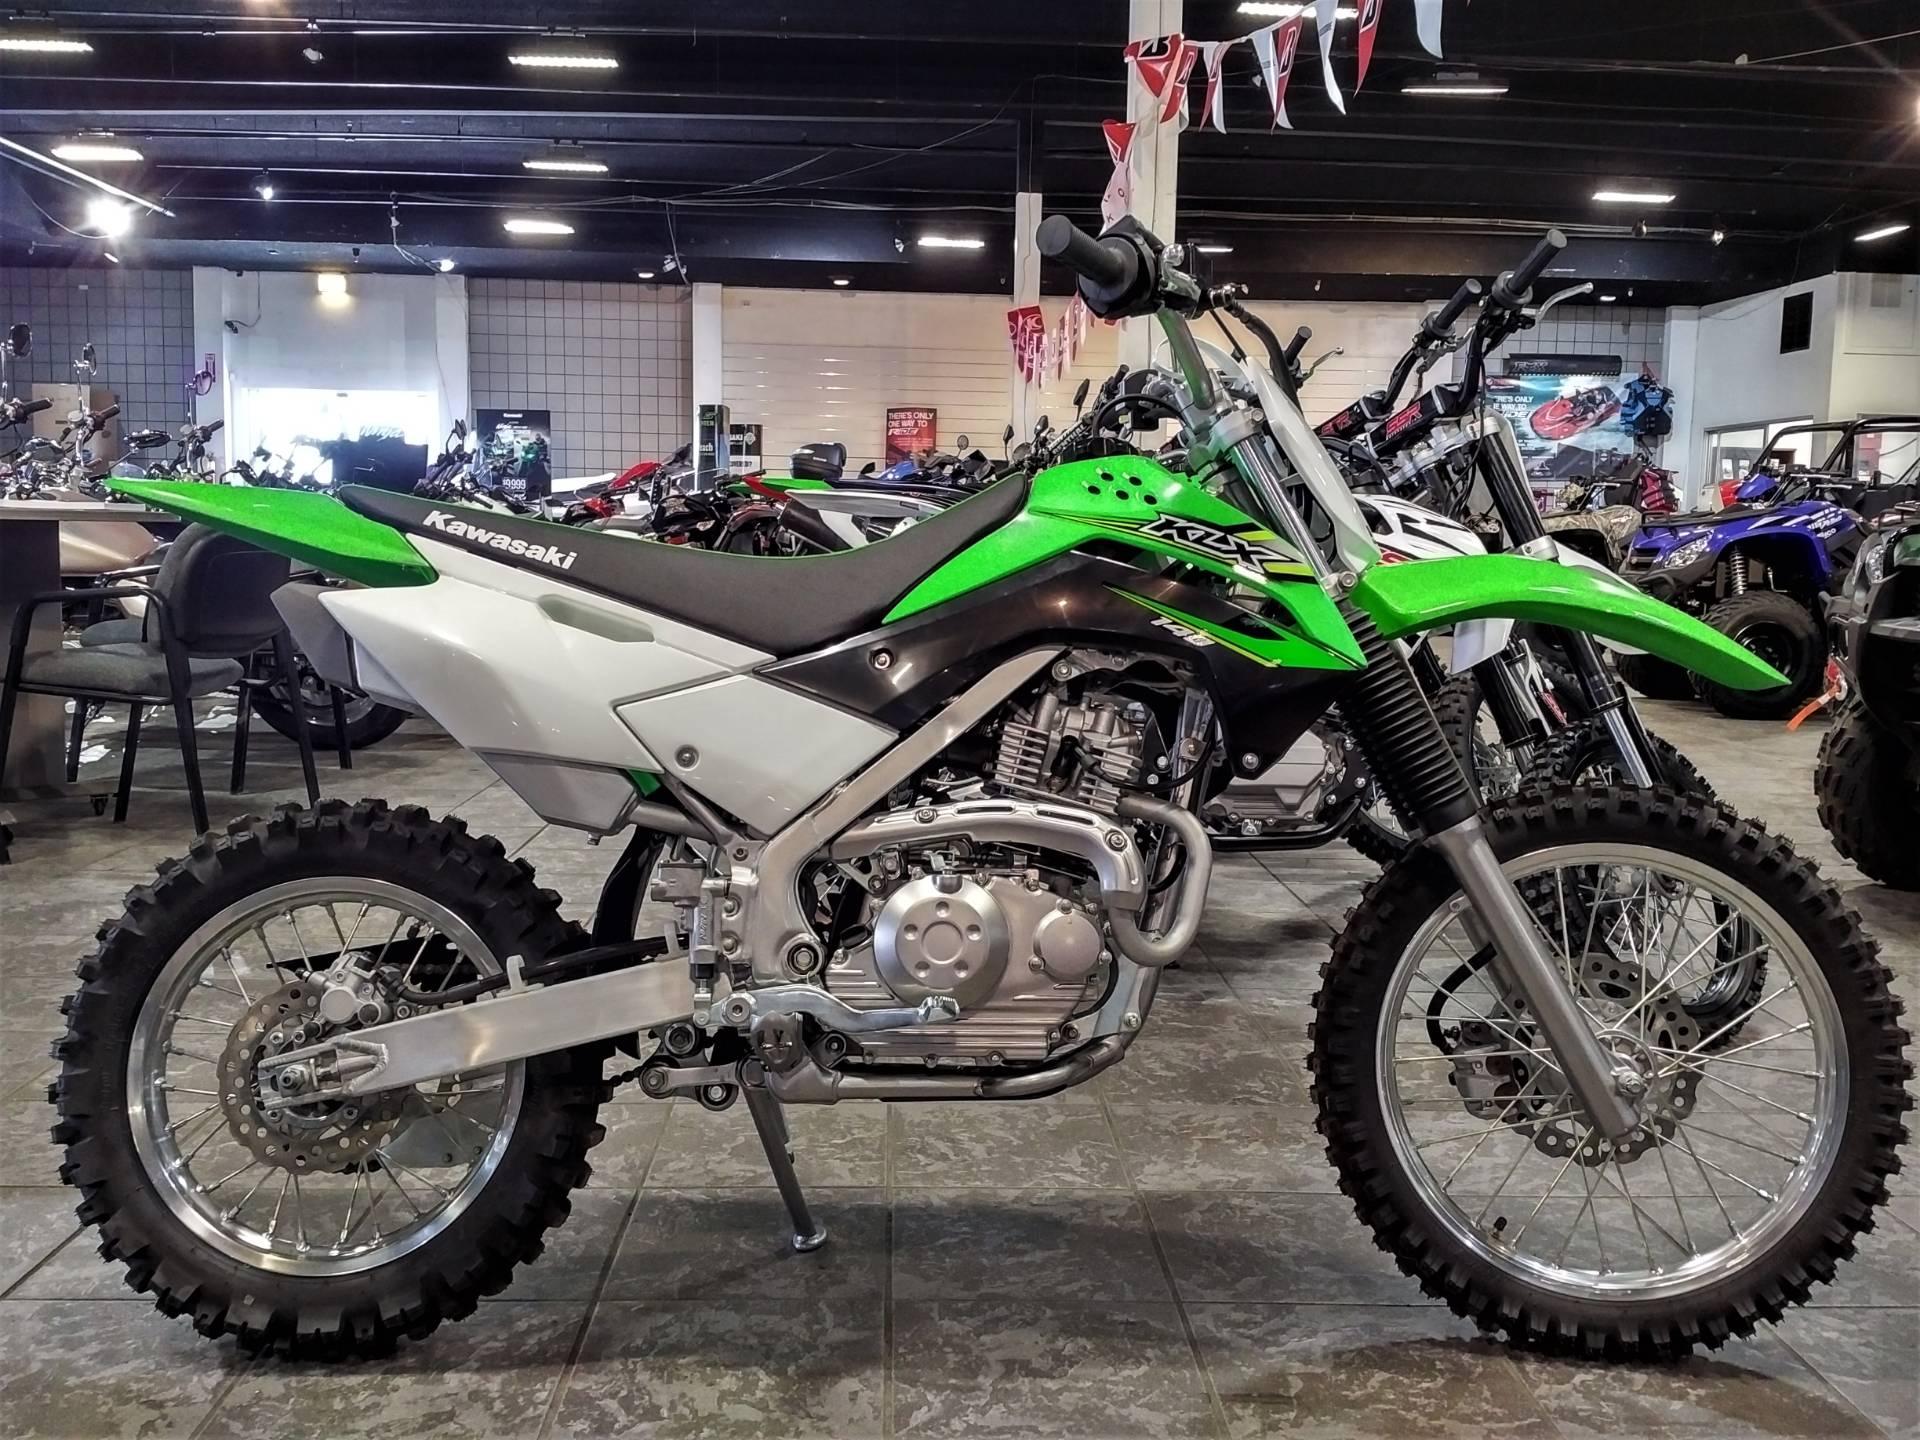 2017 Kawasaki Klx140 In Salinas California